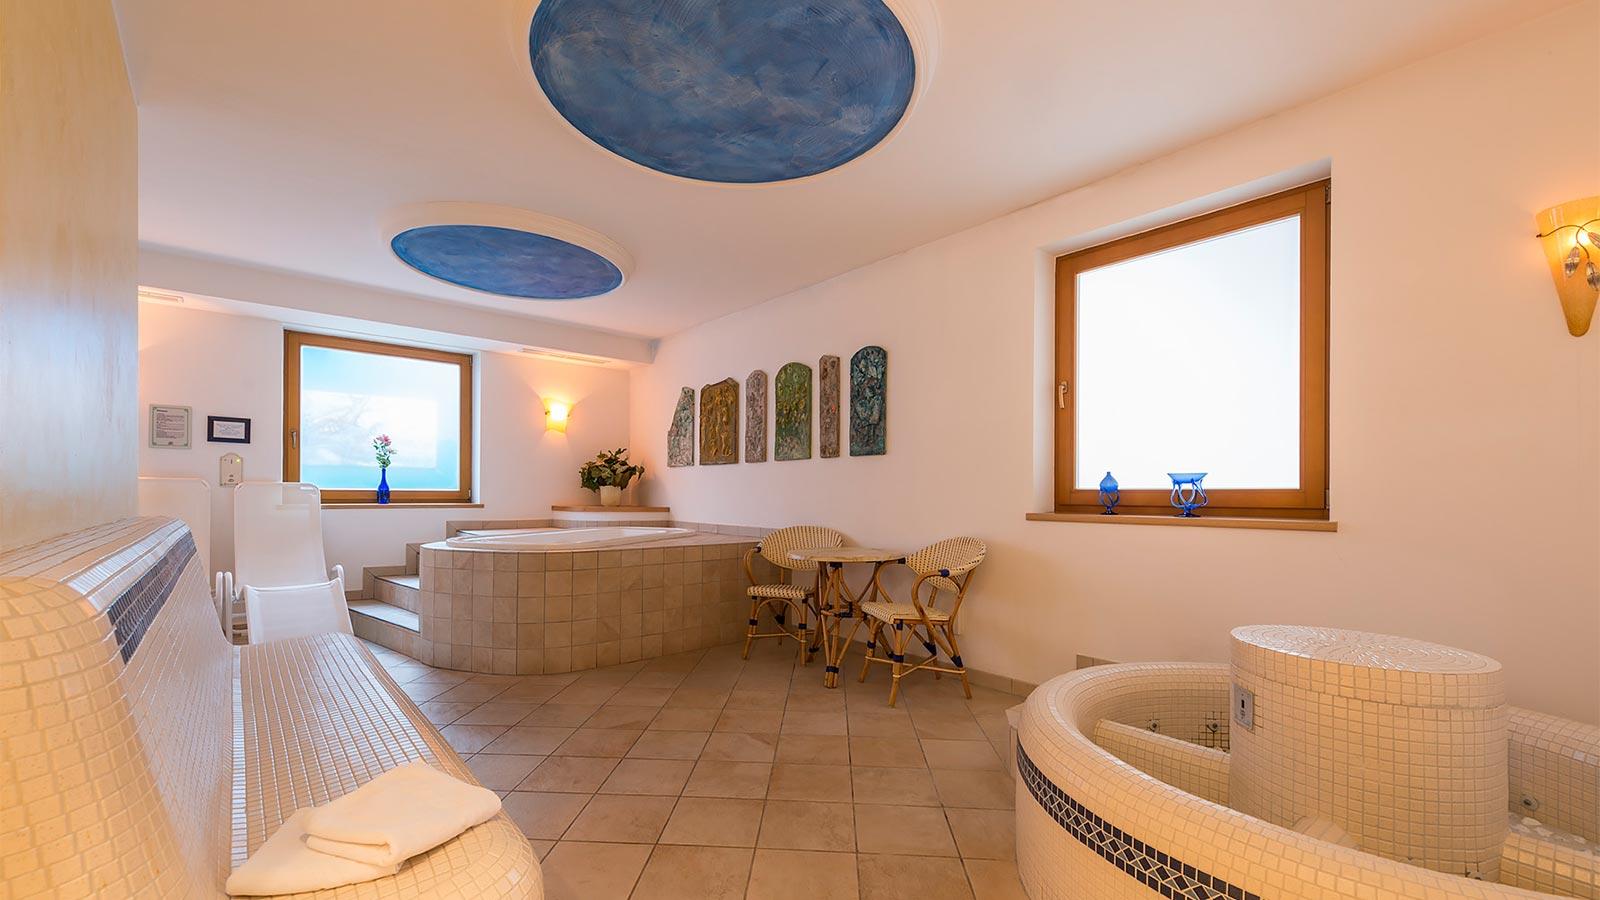 Hotel a maranza con piscina alpenfrieden - Hotel maranza con piscina coperta ...